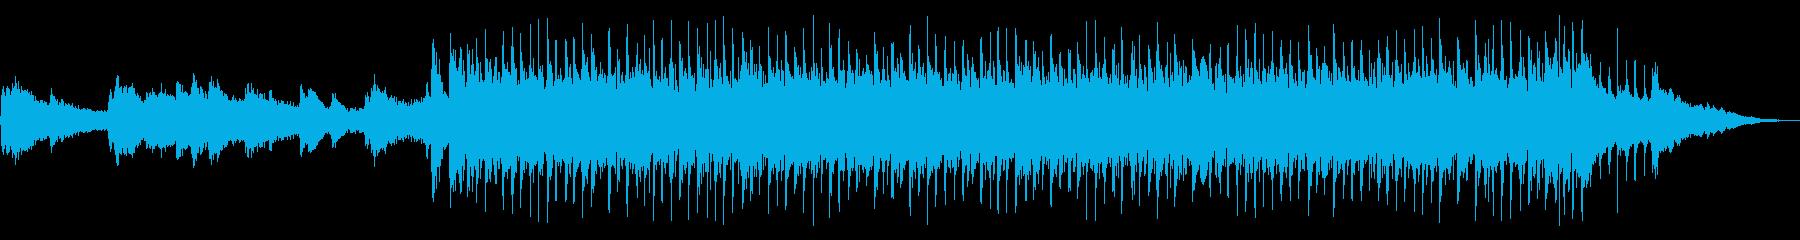 モダン和風EDM/ReMIX/短尺の再生済みの波形